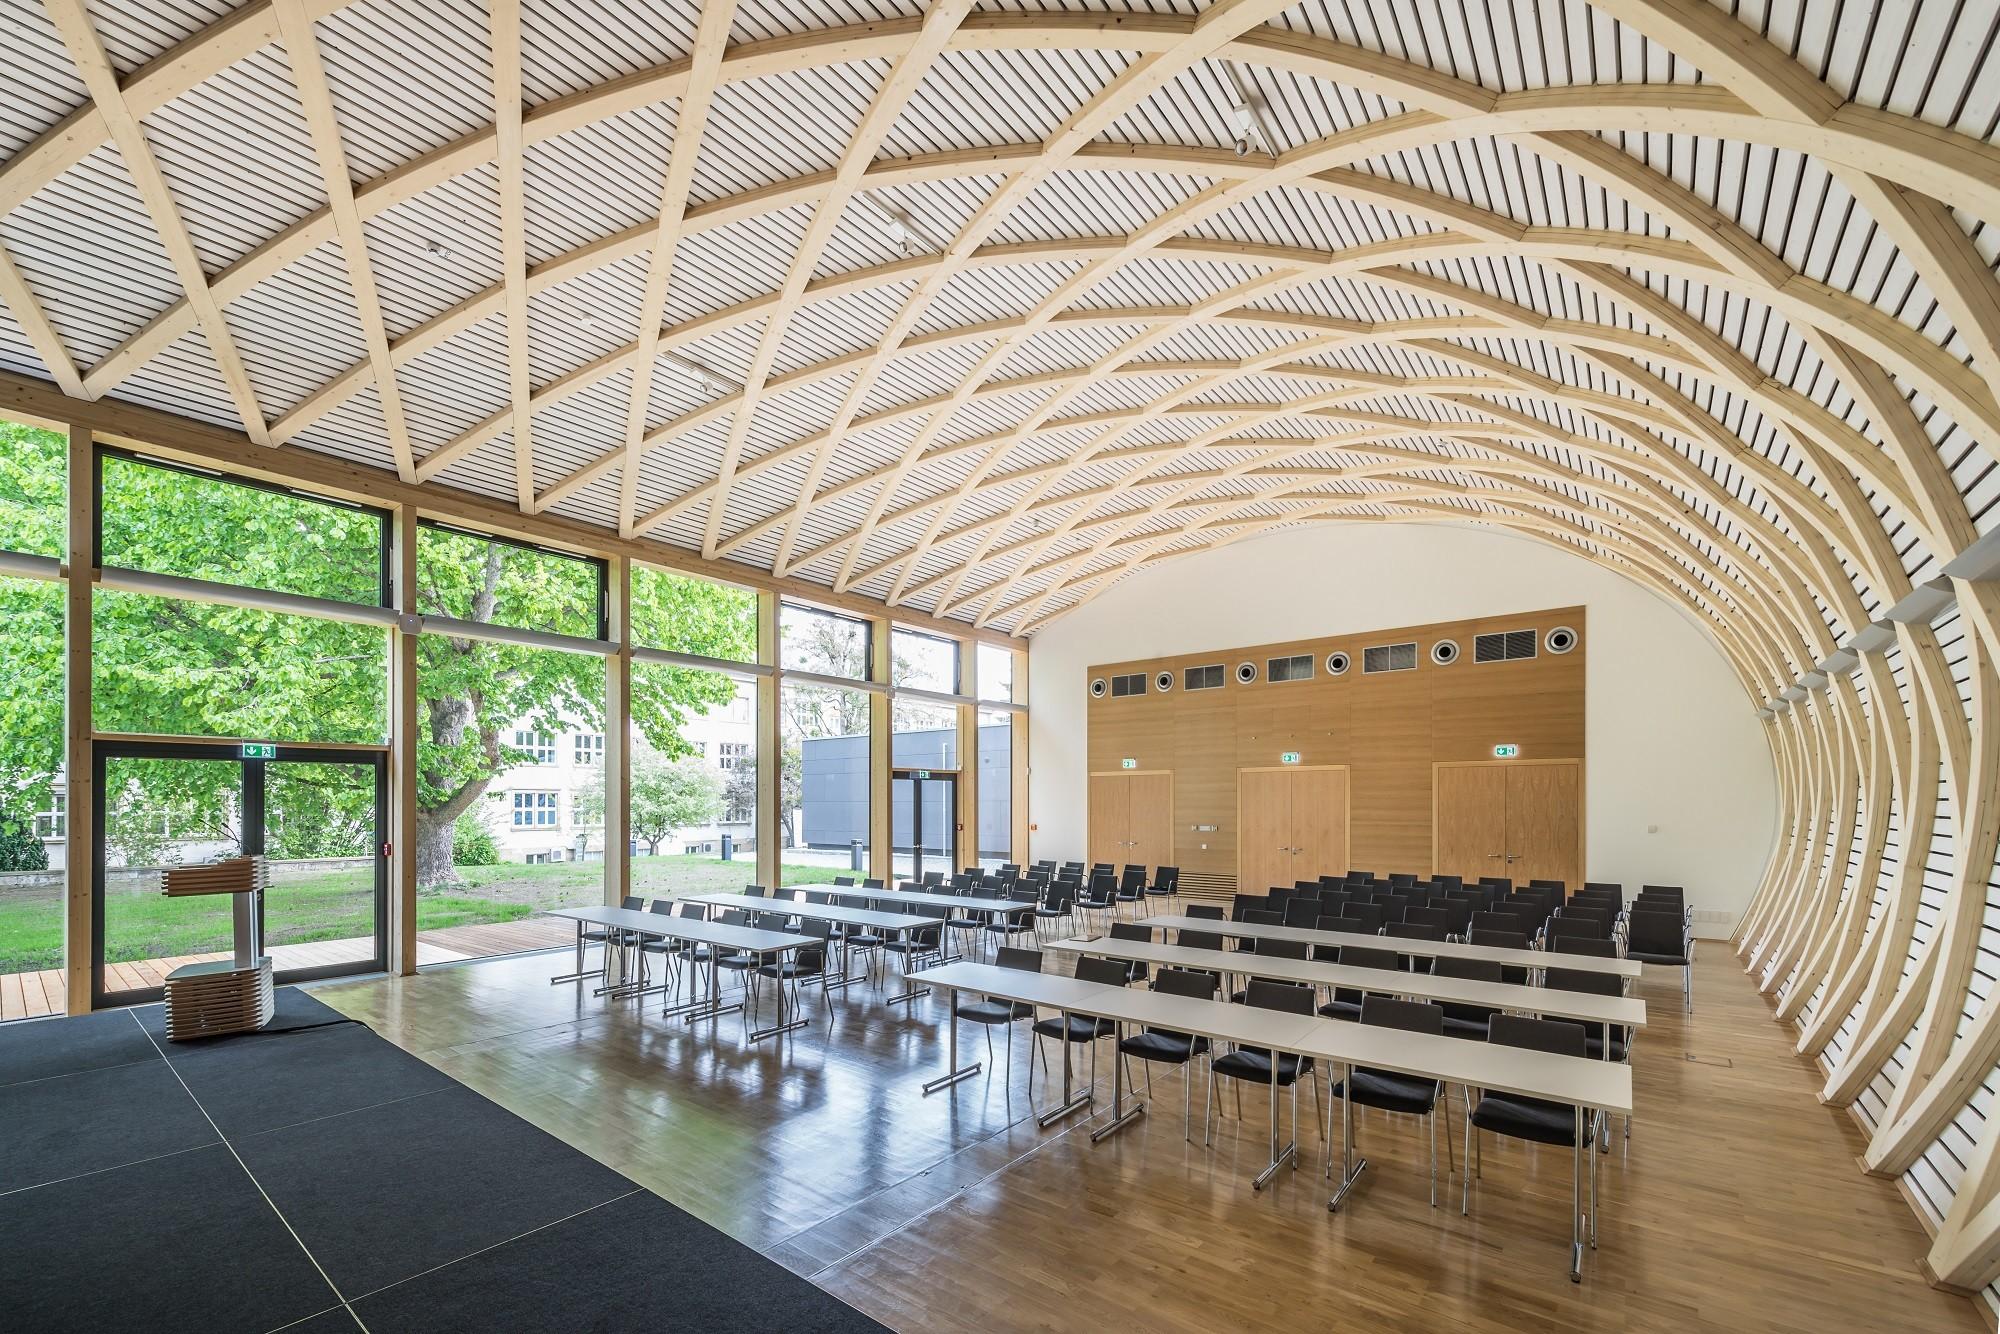 konferenzzentrum ihd in dresden nachhaltig bauen bildung baunetz wissen. Black Bedroom Furniture Sets. Home Design Ideas